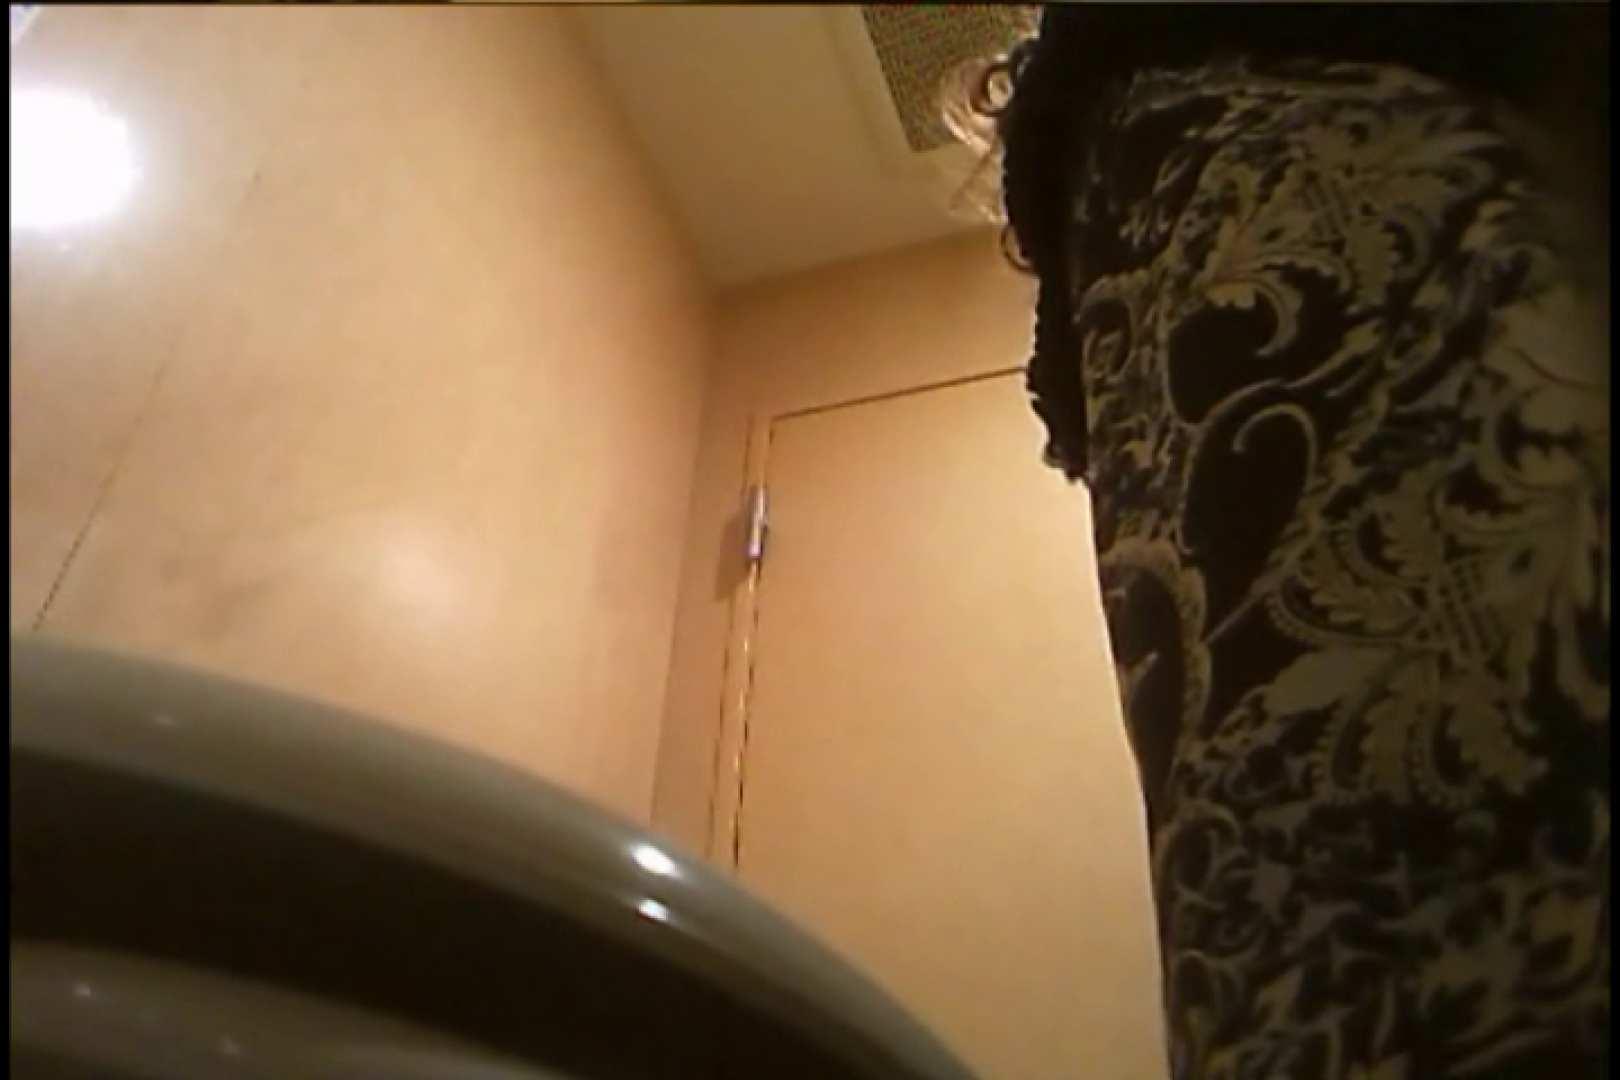 潜入!!女子化粧室盗撮~絶対見られたくない時間~vo,21 熟女のエロ動画 ワレメ動画紹介 101PIX 83